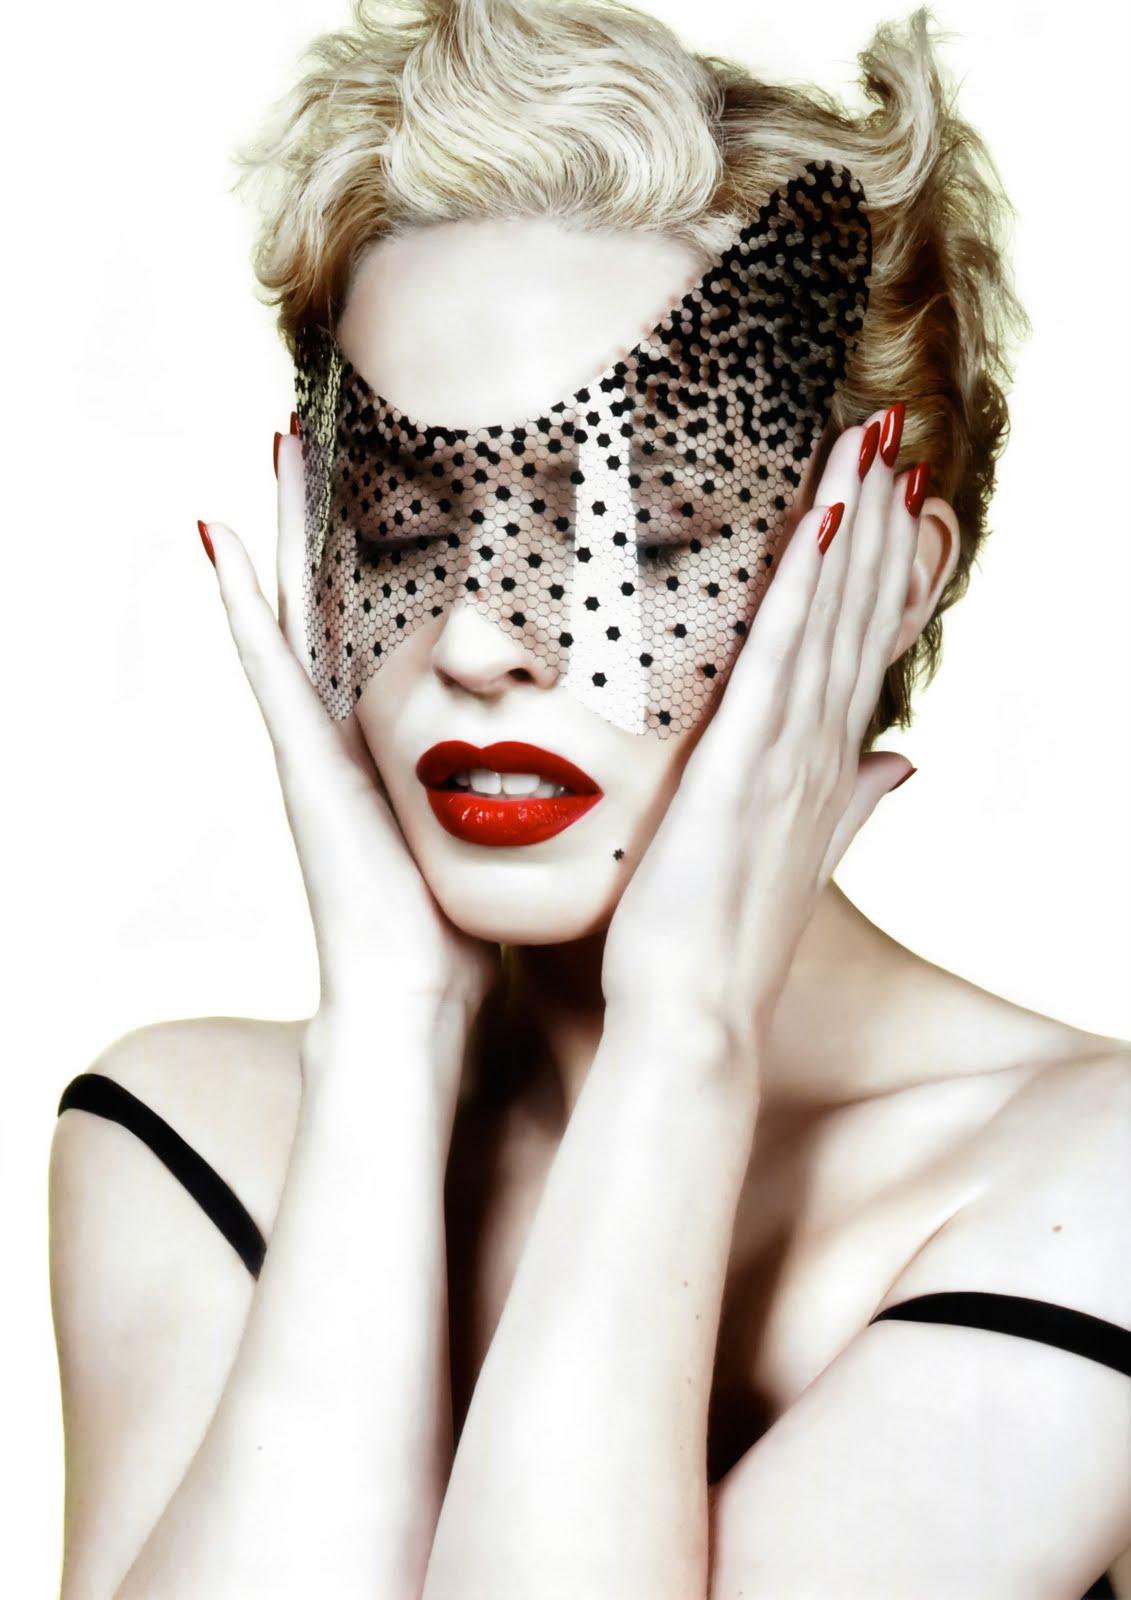 http://3.bp.blogspot.com/_kUQvtcubhiI/TDvmuGQFheI/AAAAAAAAAH4/KY71yl6FBuU/s1600/KylieMinogue-Xd.jpg